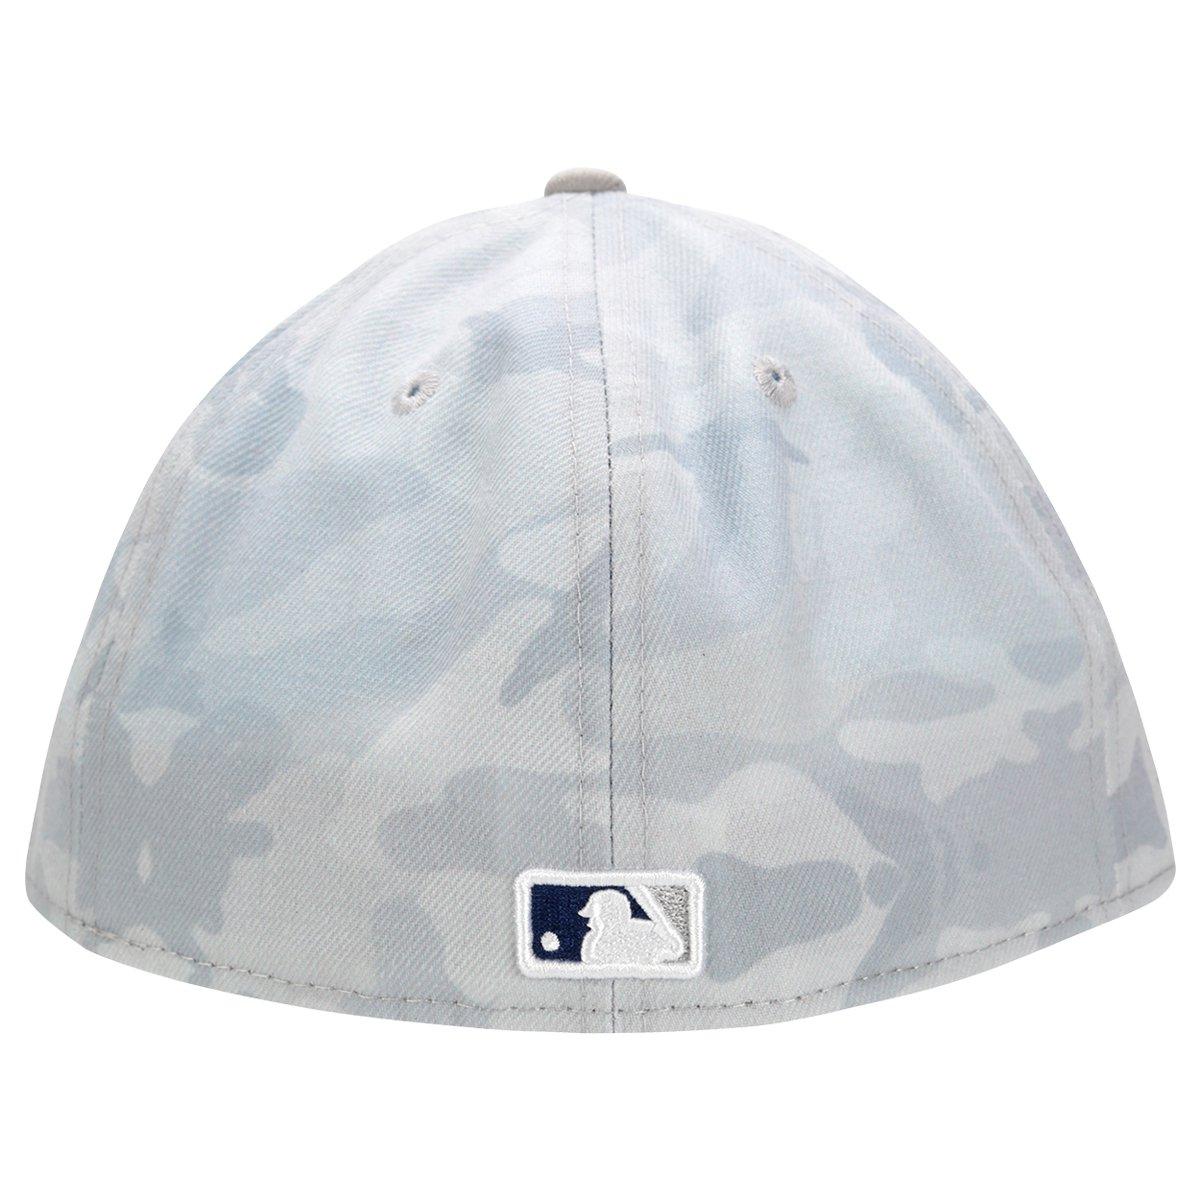 Boné New Era 5950 MLB Camo 2 Los Angeles Dodgers - Compre Agora ... 74a5a9635f2